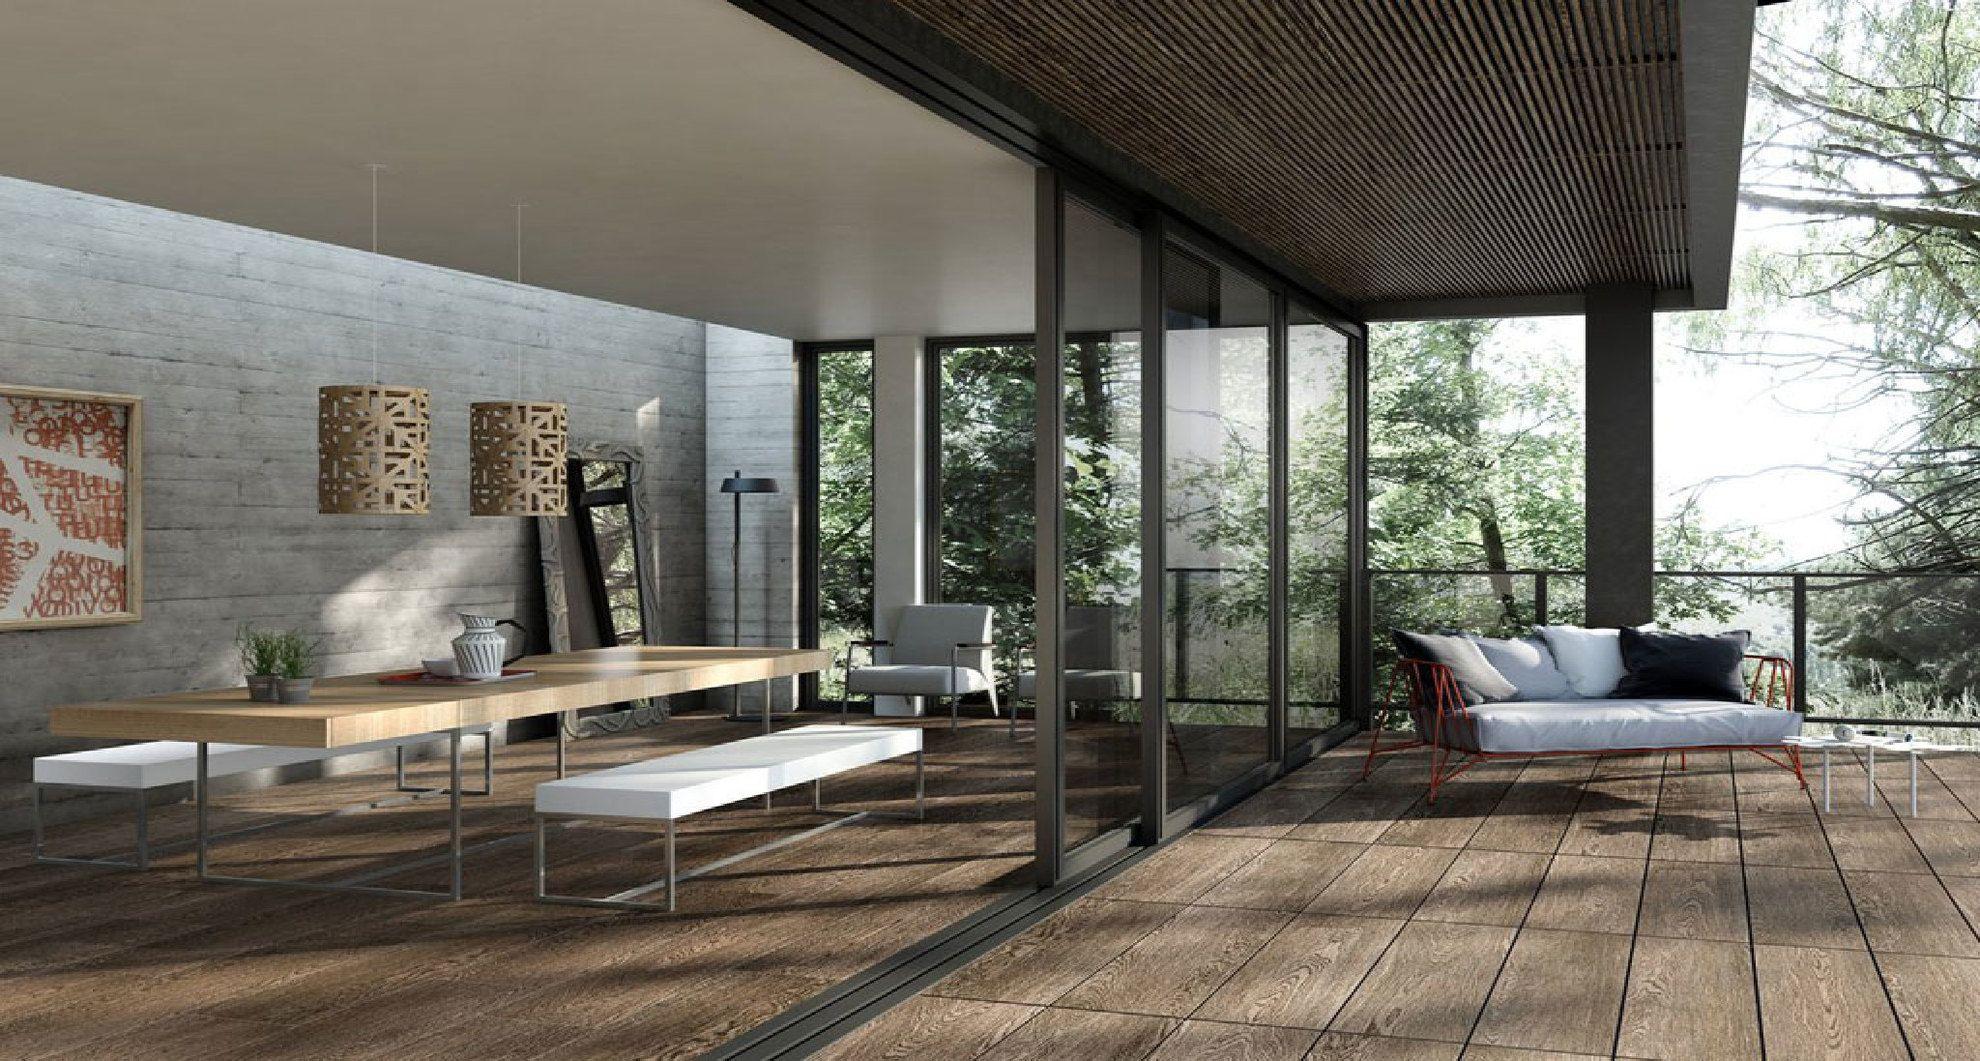 Piastrelle Per Esterni Effetto Legno : Piastrelle in gres effetto legno per ambienti interni ed esterni